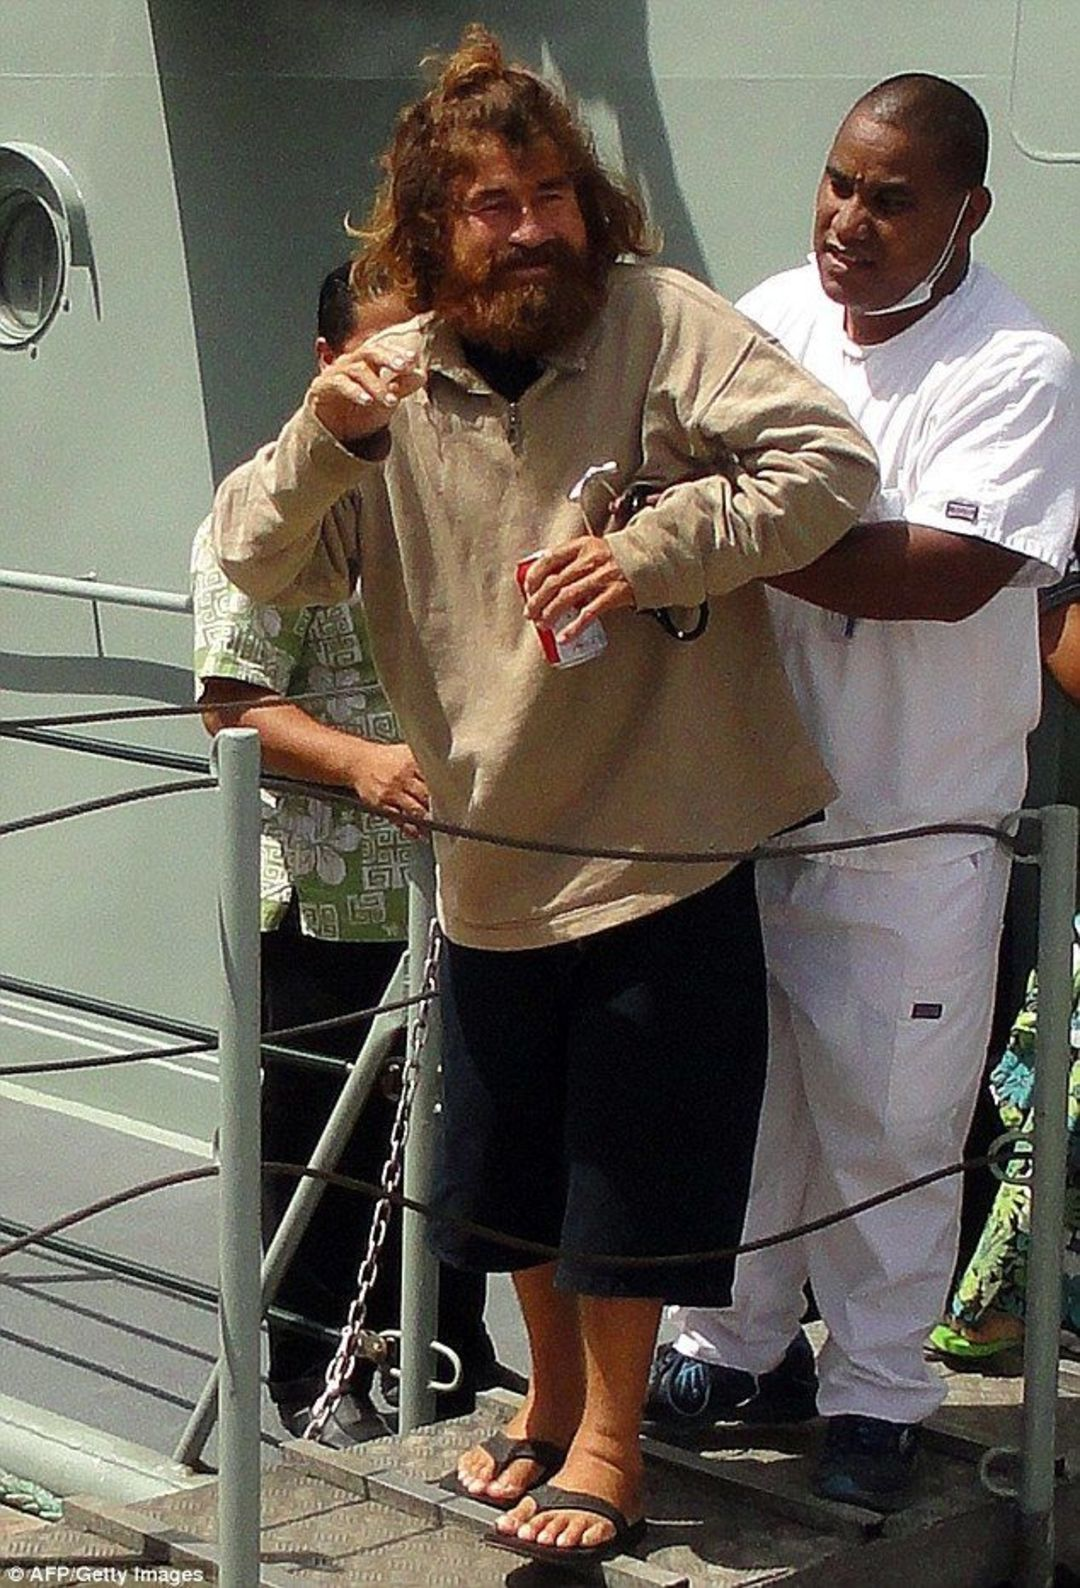 「这世界」海上漂流438天,这个大叔是名符其实的中年 Pi_文化_好奇心日报